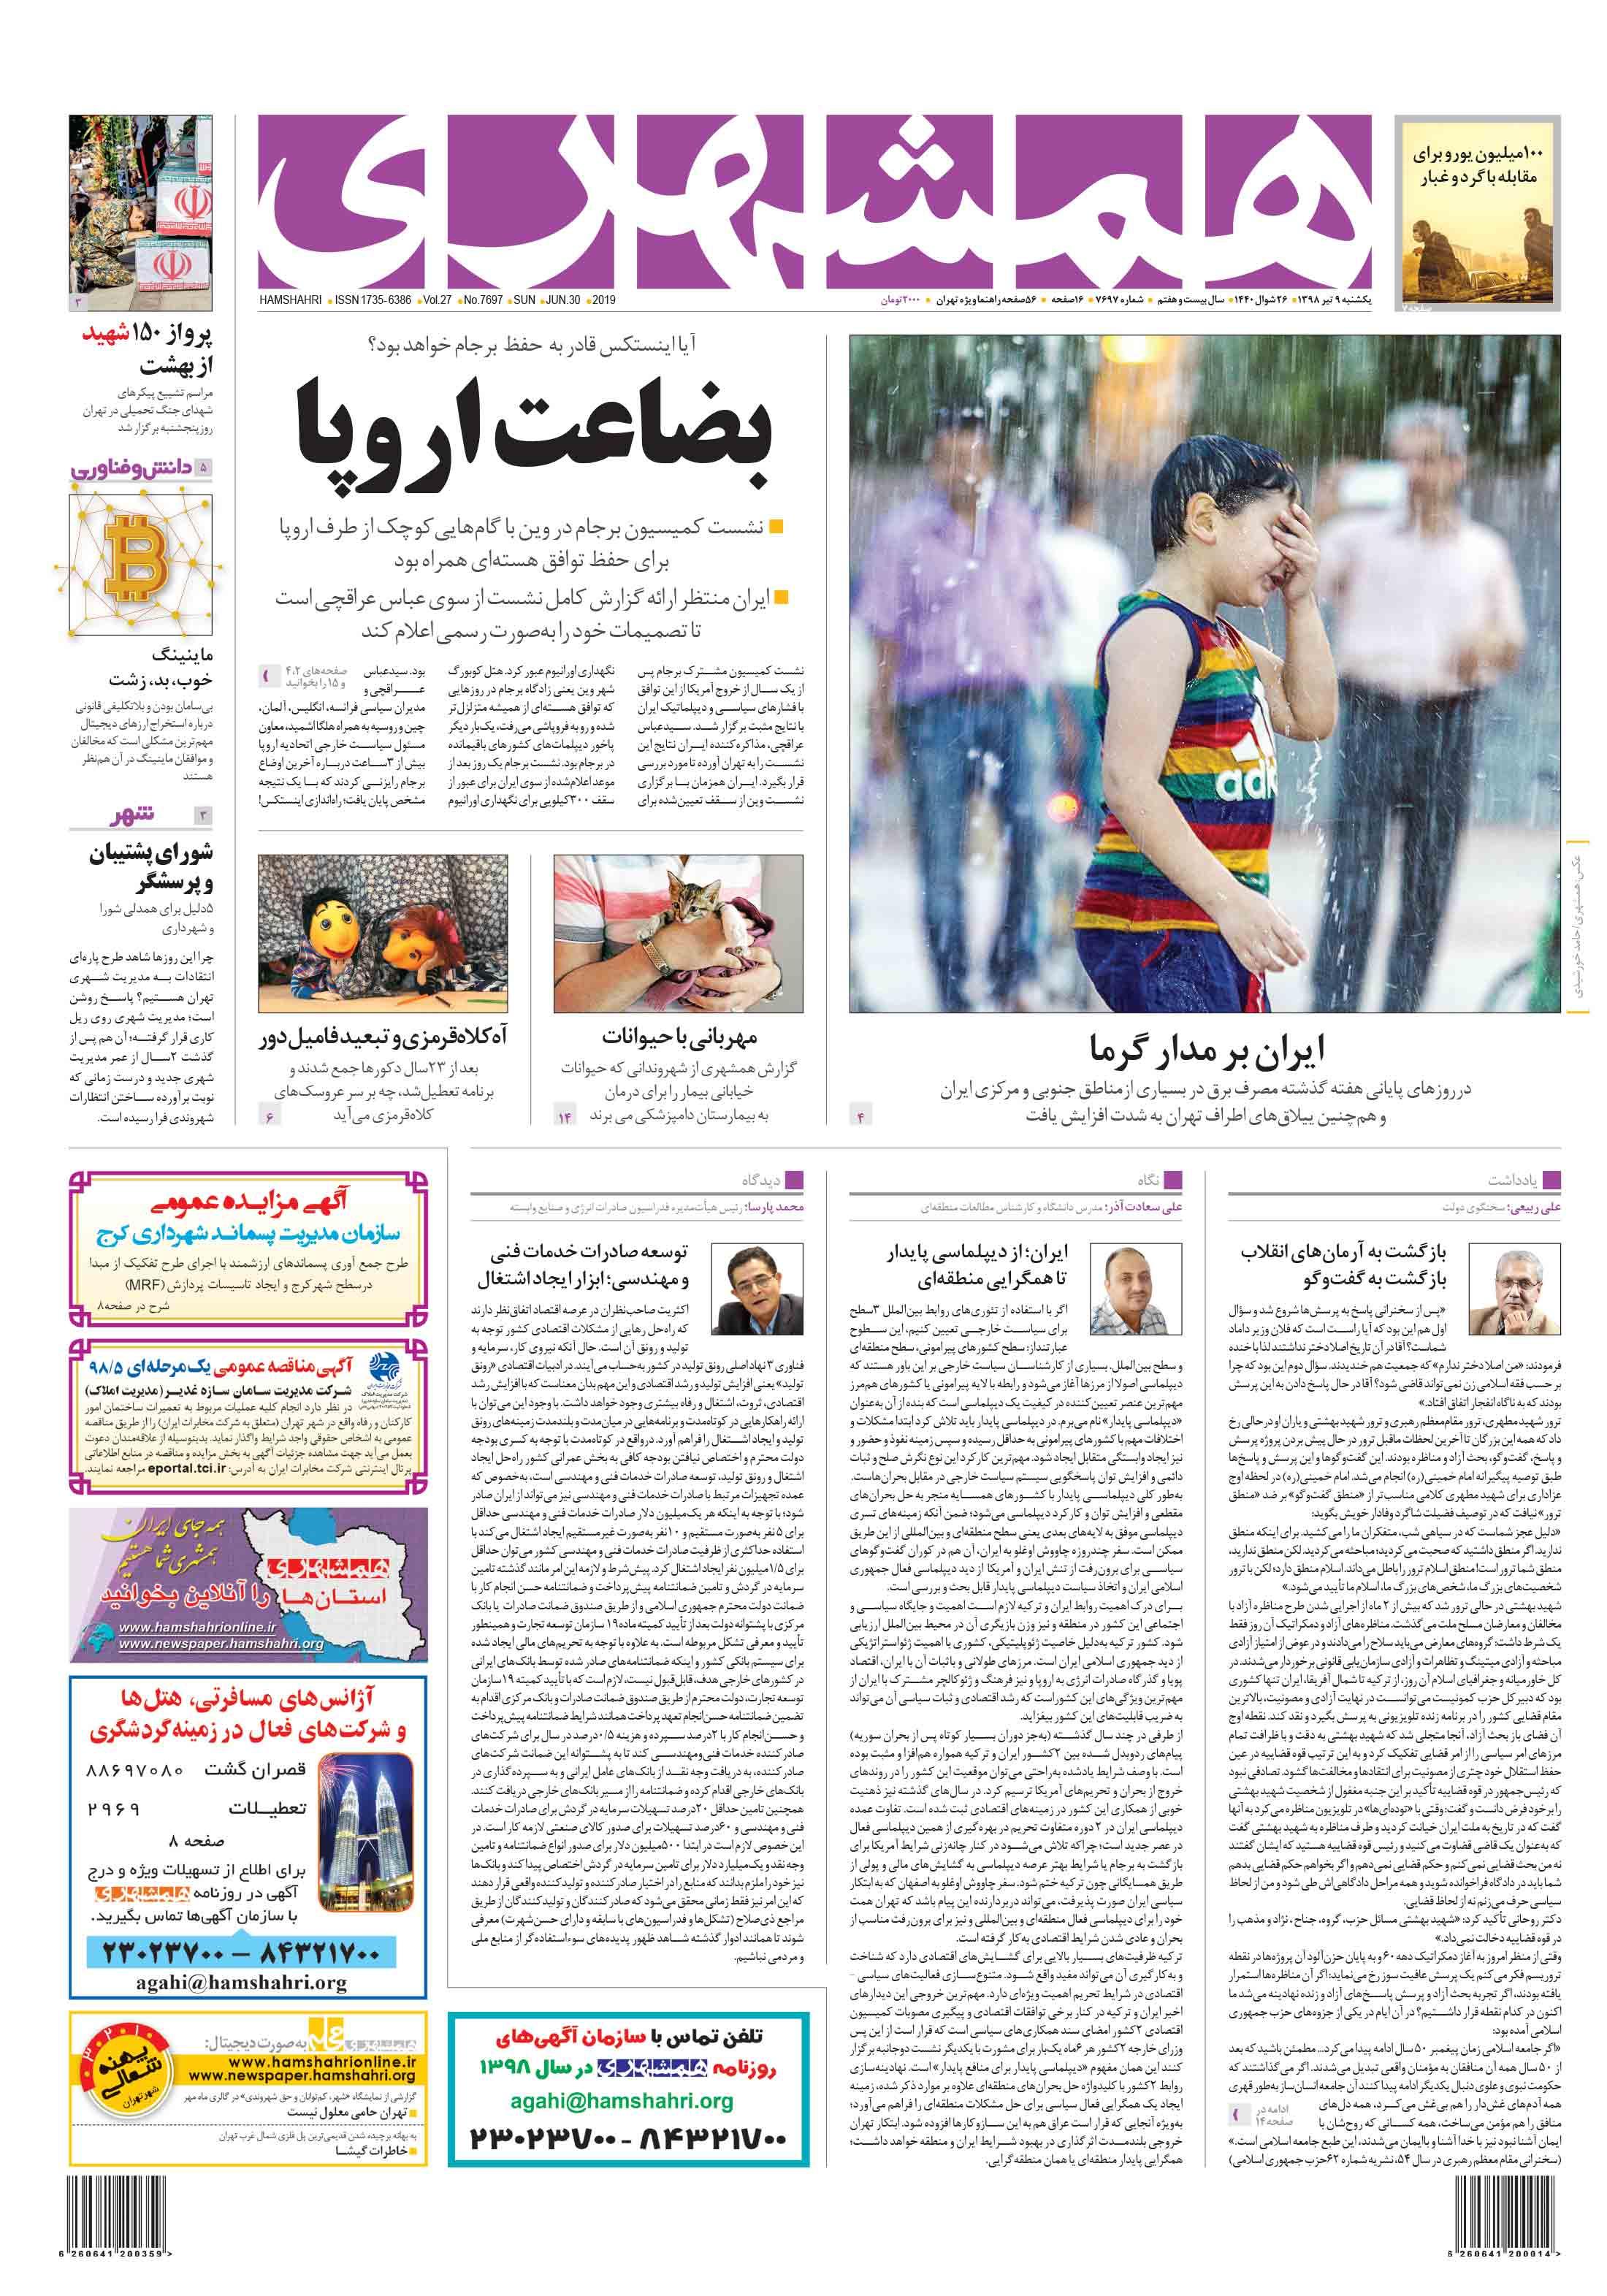 صفحه اول یکشنبه 9 تیر 1398